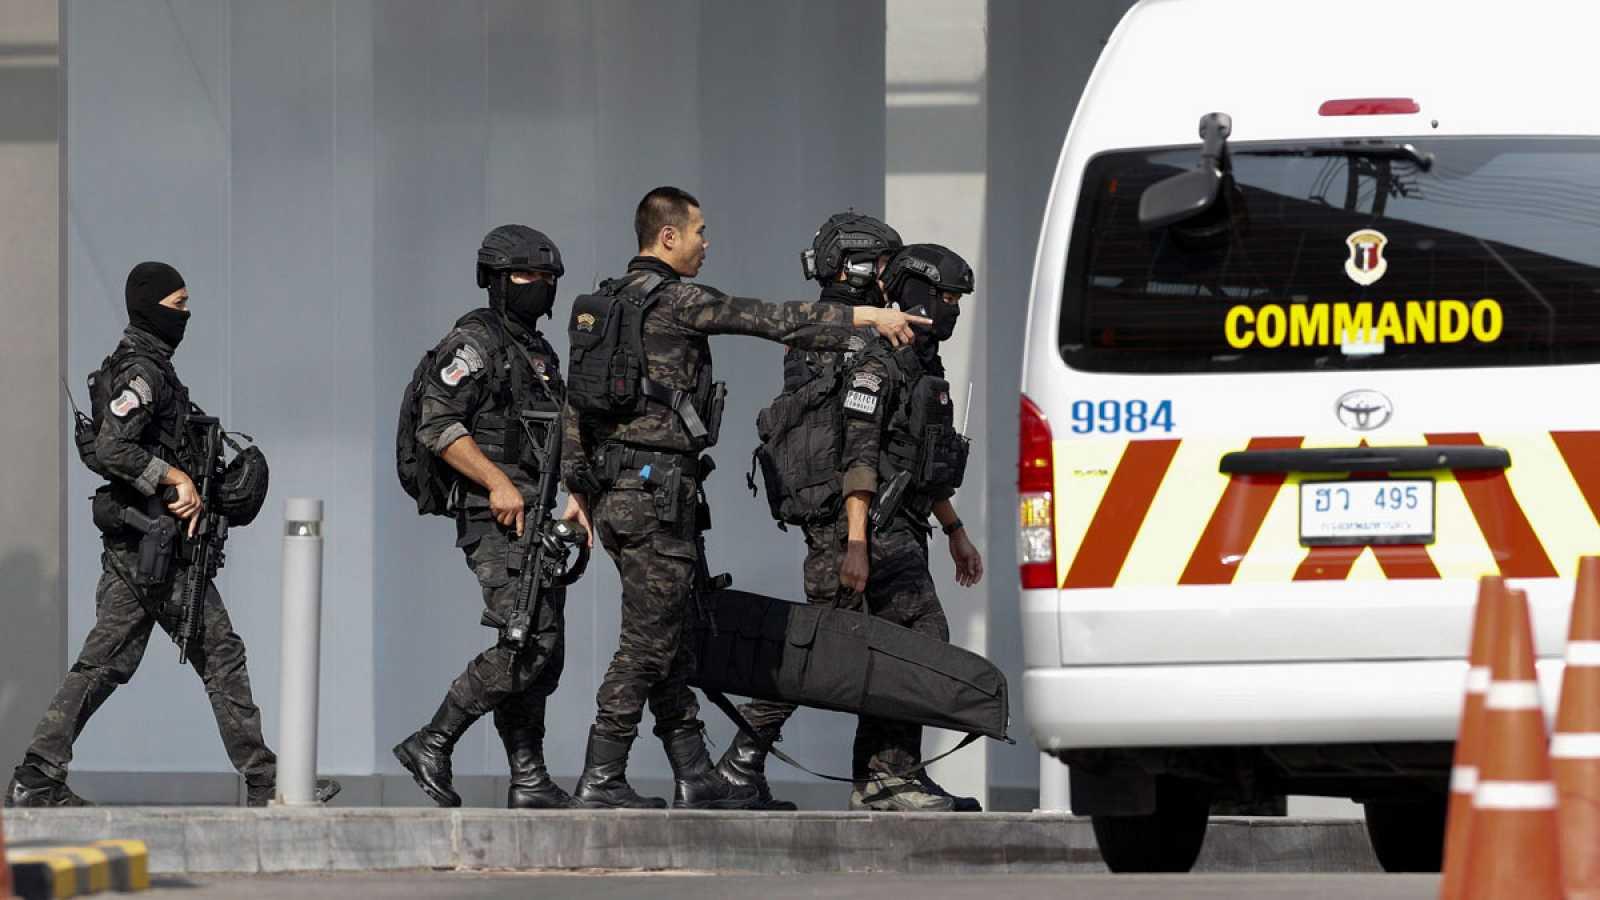 Un soldado mata a 29 personas en Tailandia y es abatido tras atrincherarse en un centro comercial